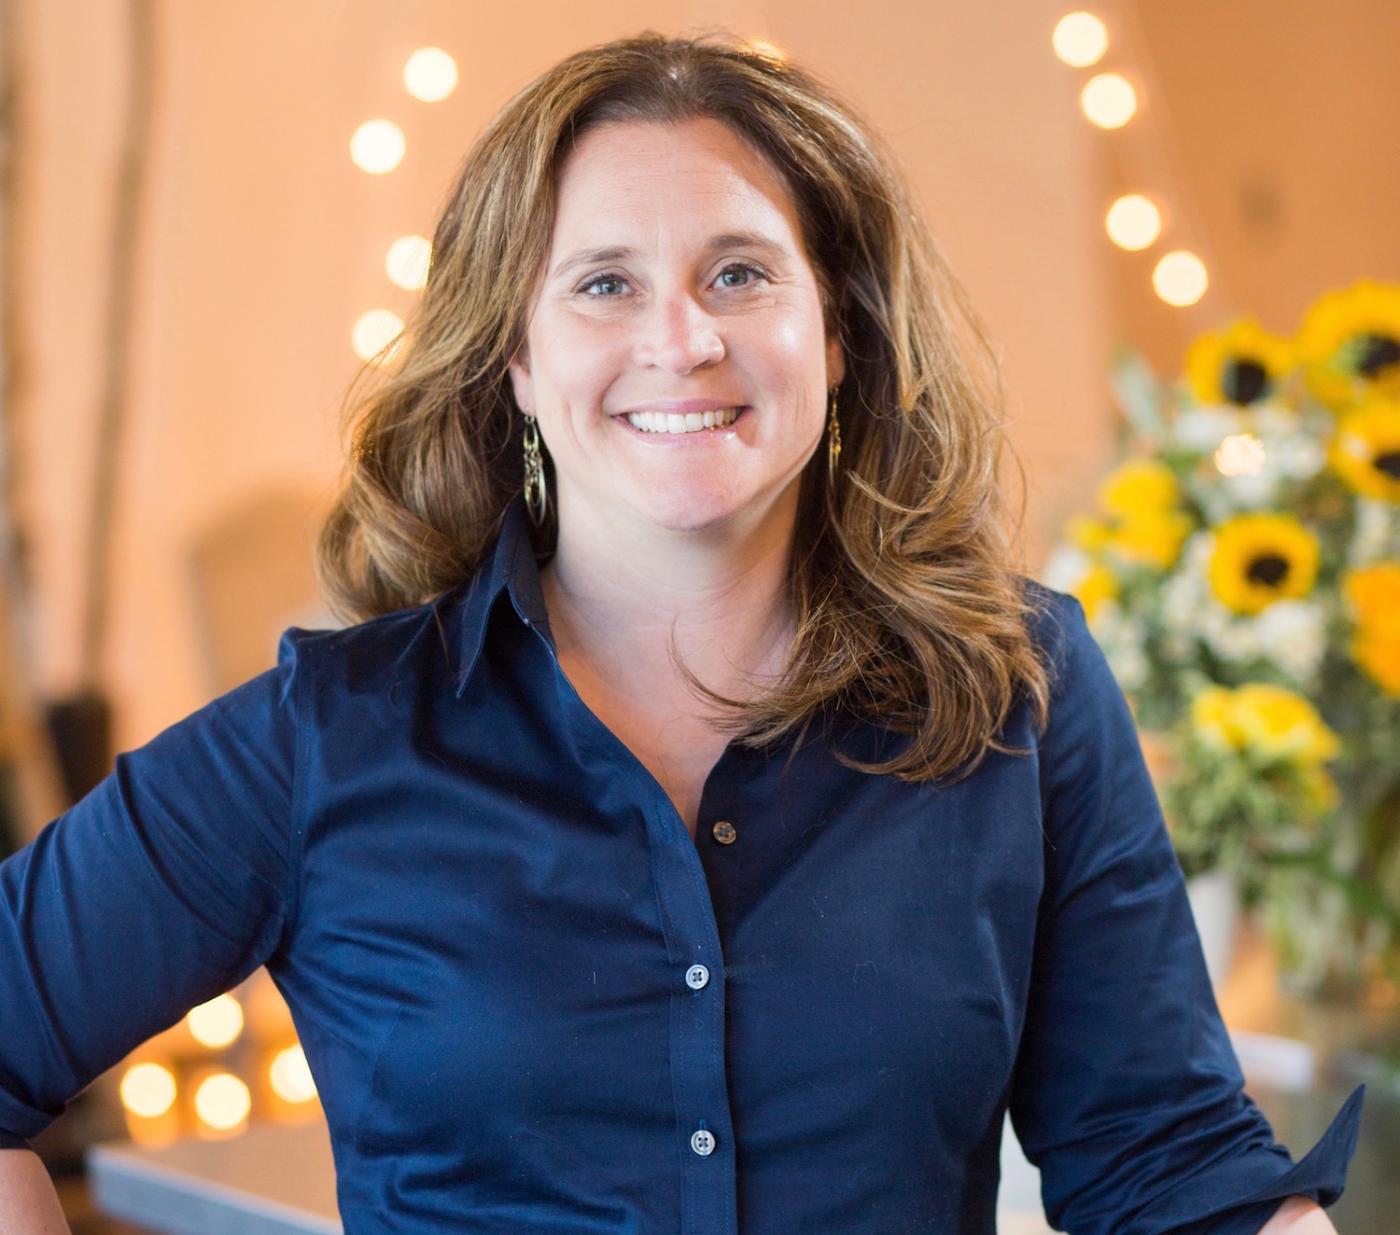 Jennifer is the owner of J. Morris Flowers in Leesburg, VA.